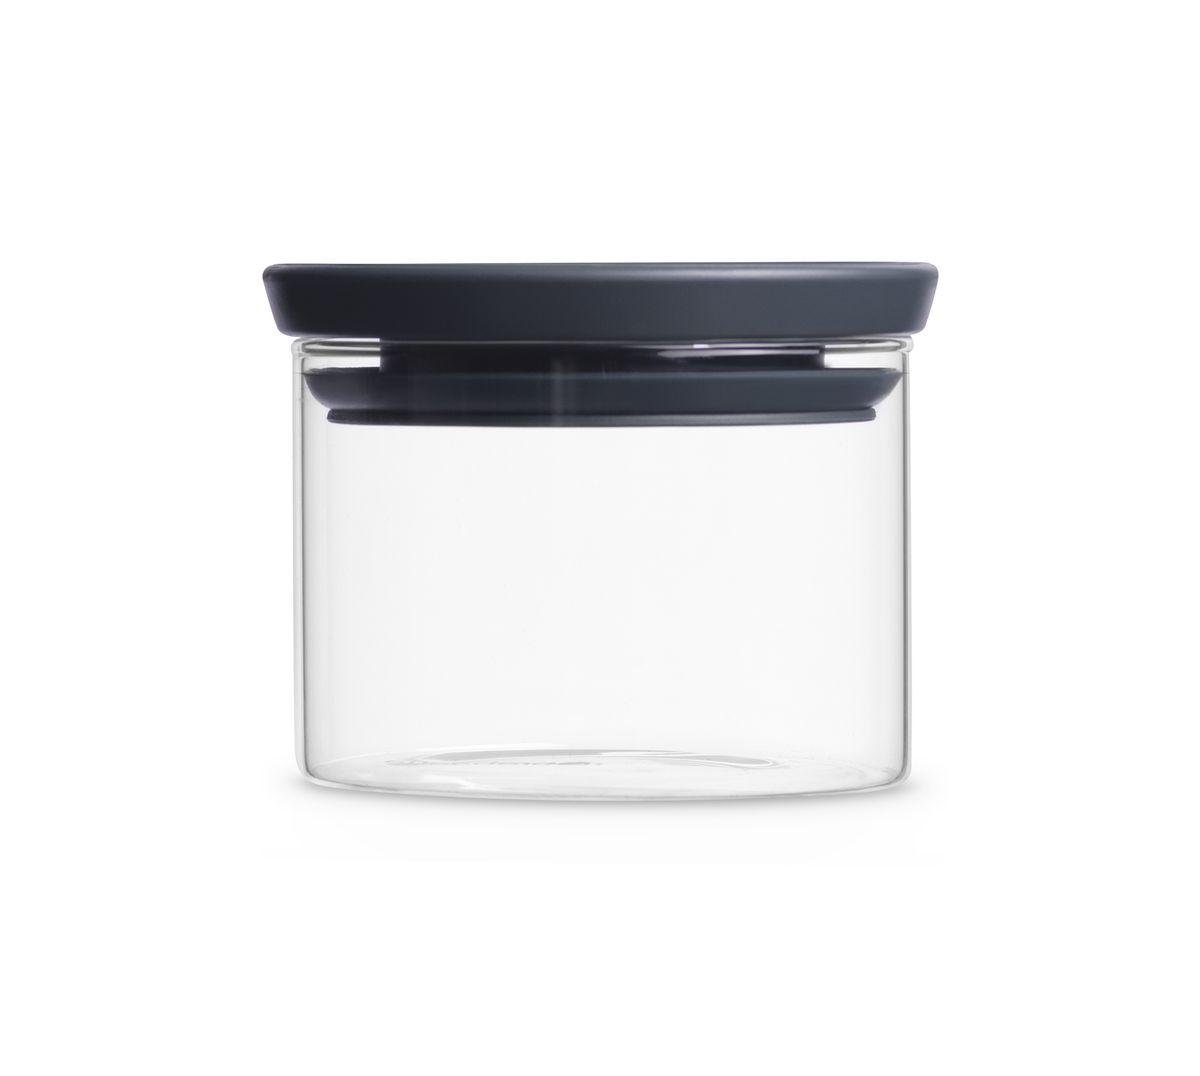 Емкость для сыпучих продуктов Brabantia, 300 млVT-1520(SR)Емкость для сыпучих продуктов Brabantia изготовлена из высококачественного стекла. Банка прекрасно подойдет для хранения различных сыпучих продуктов: специй, чая, кофе, сахара, круп и многого другого. Емкость надежно закрывается пластиковой крышкой, которая снабжена силиконовым уплотнителем для лучшей фиксации. Благодаря этому она будет дольше сохранять свежесть ваших продуктов.Функциональная и вместительная, такая емкость станет незаменимым аксессуаром на любой кухне. Можно мыть в посудомоечной машине.